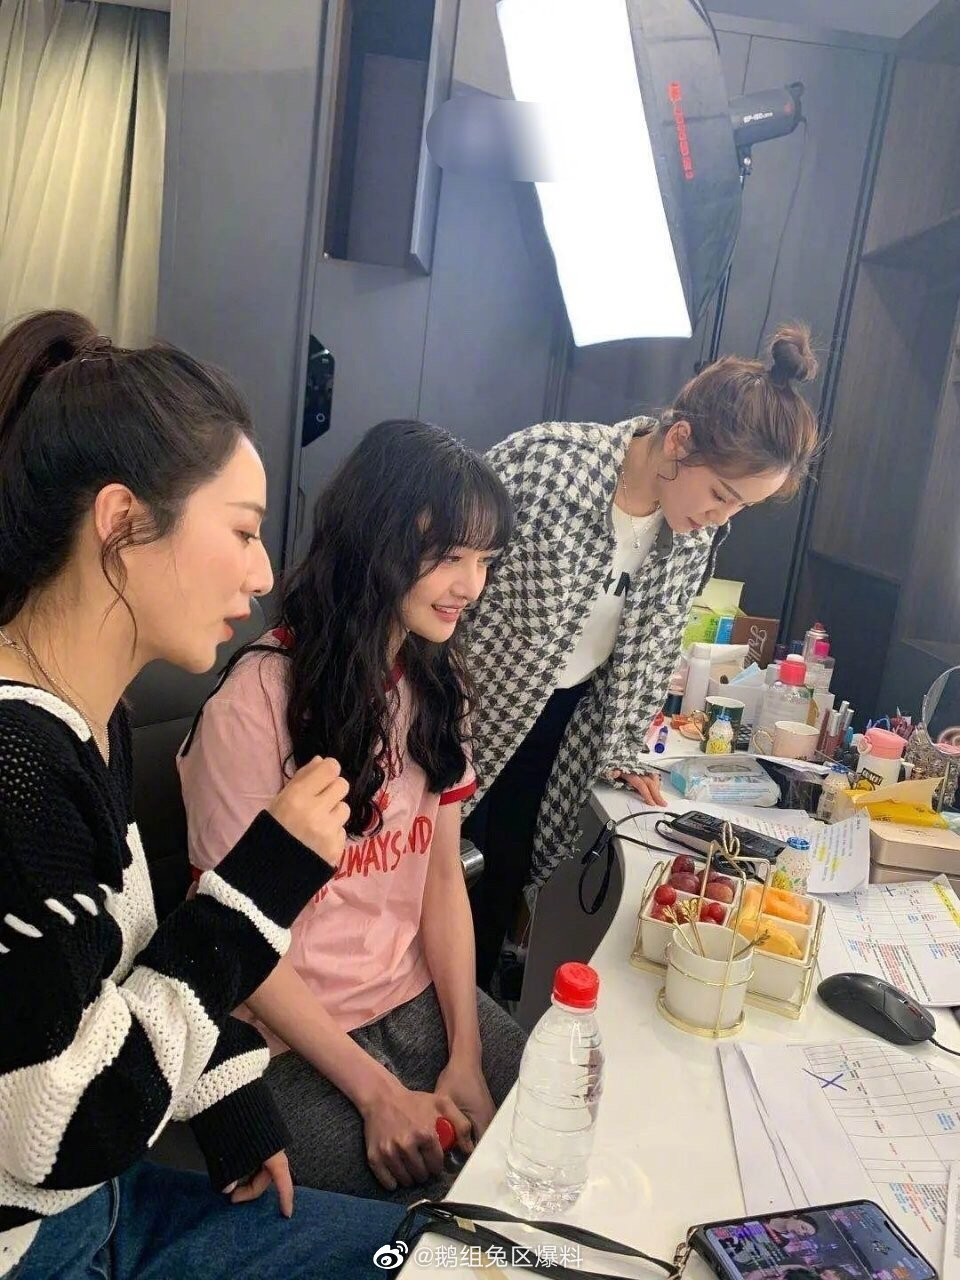 公主日记昨天薇娅直播后台原相机拍摄的郑爽...